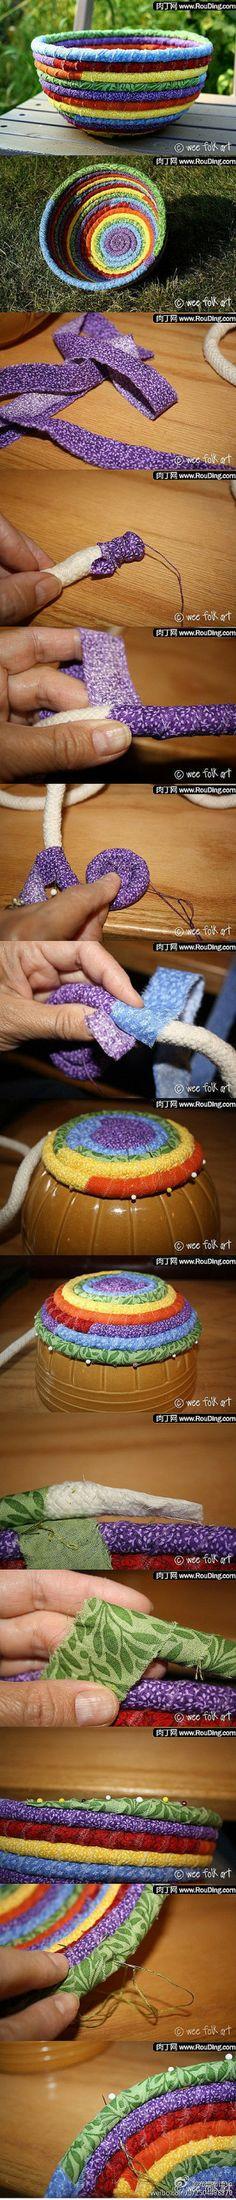 touw omwikkelen met stof